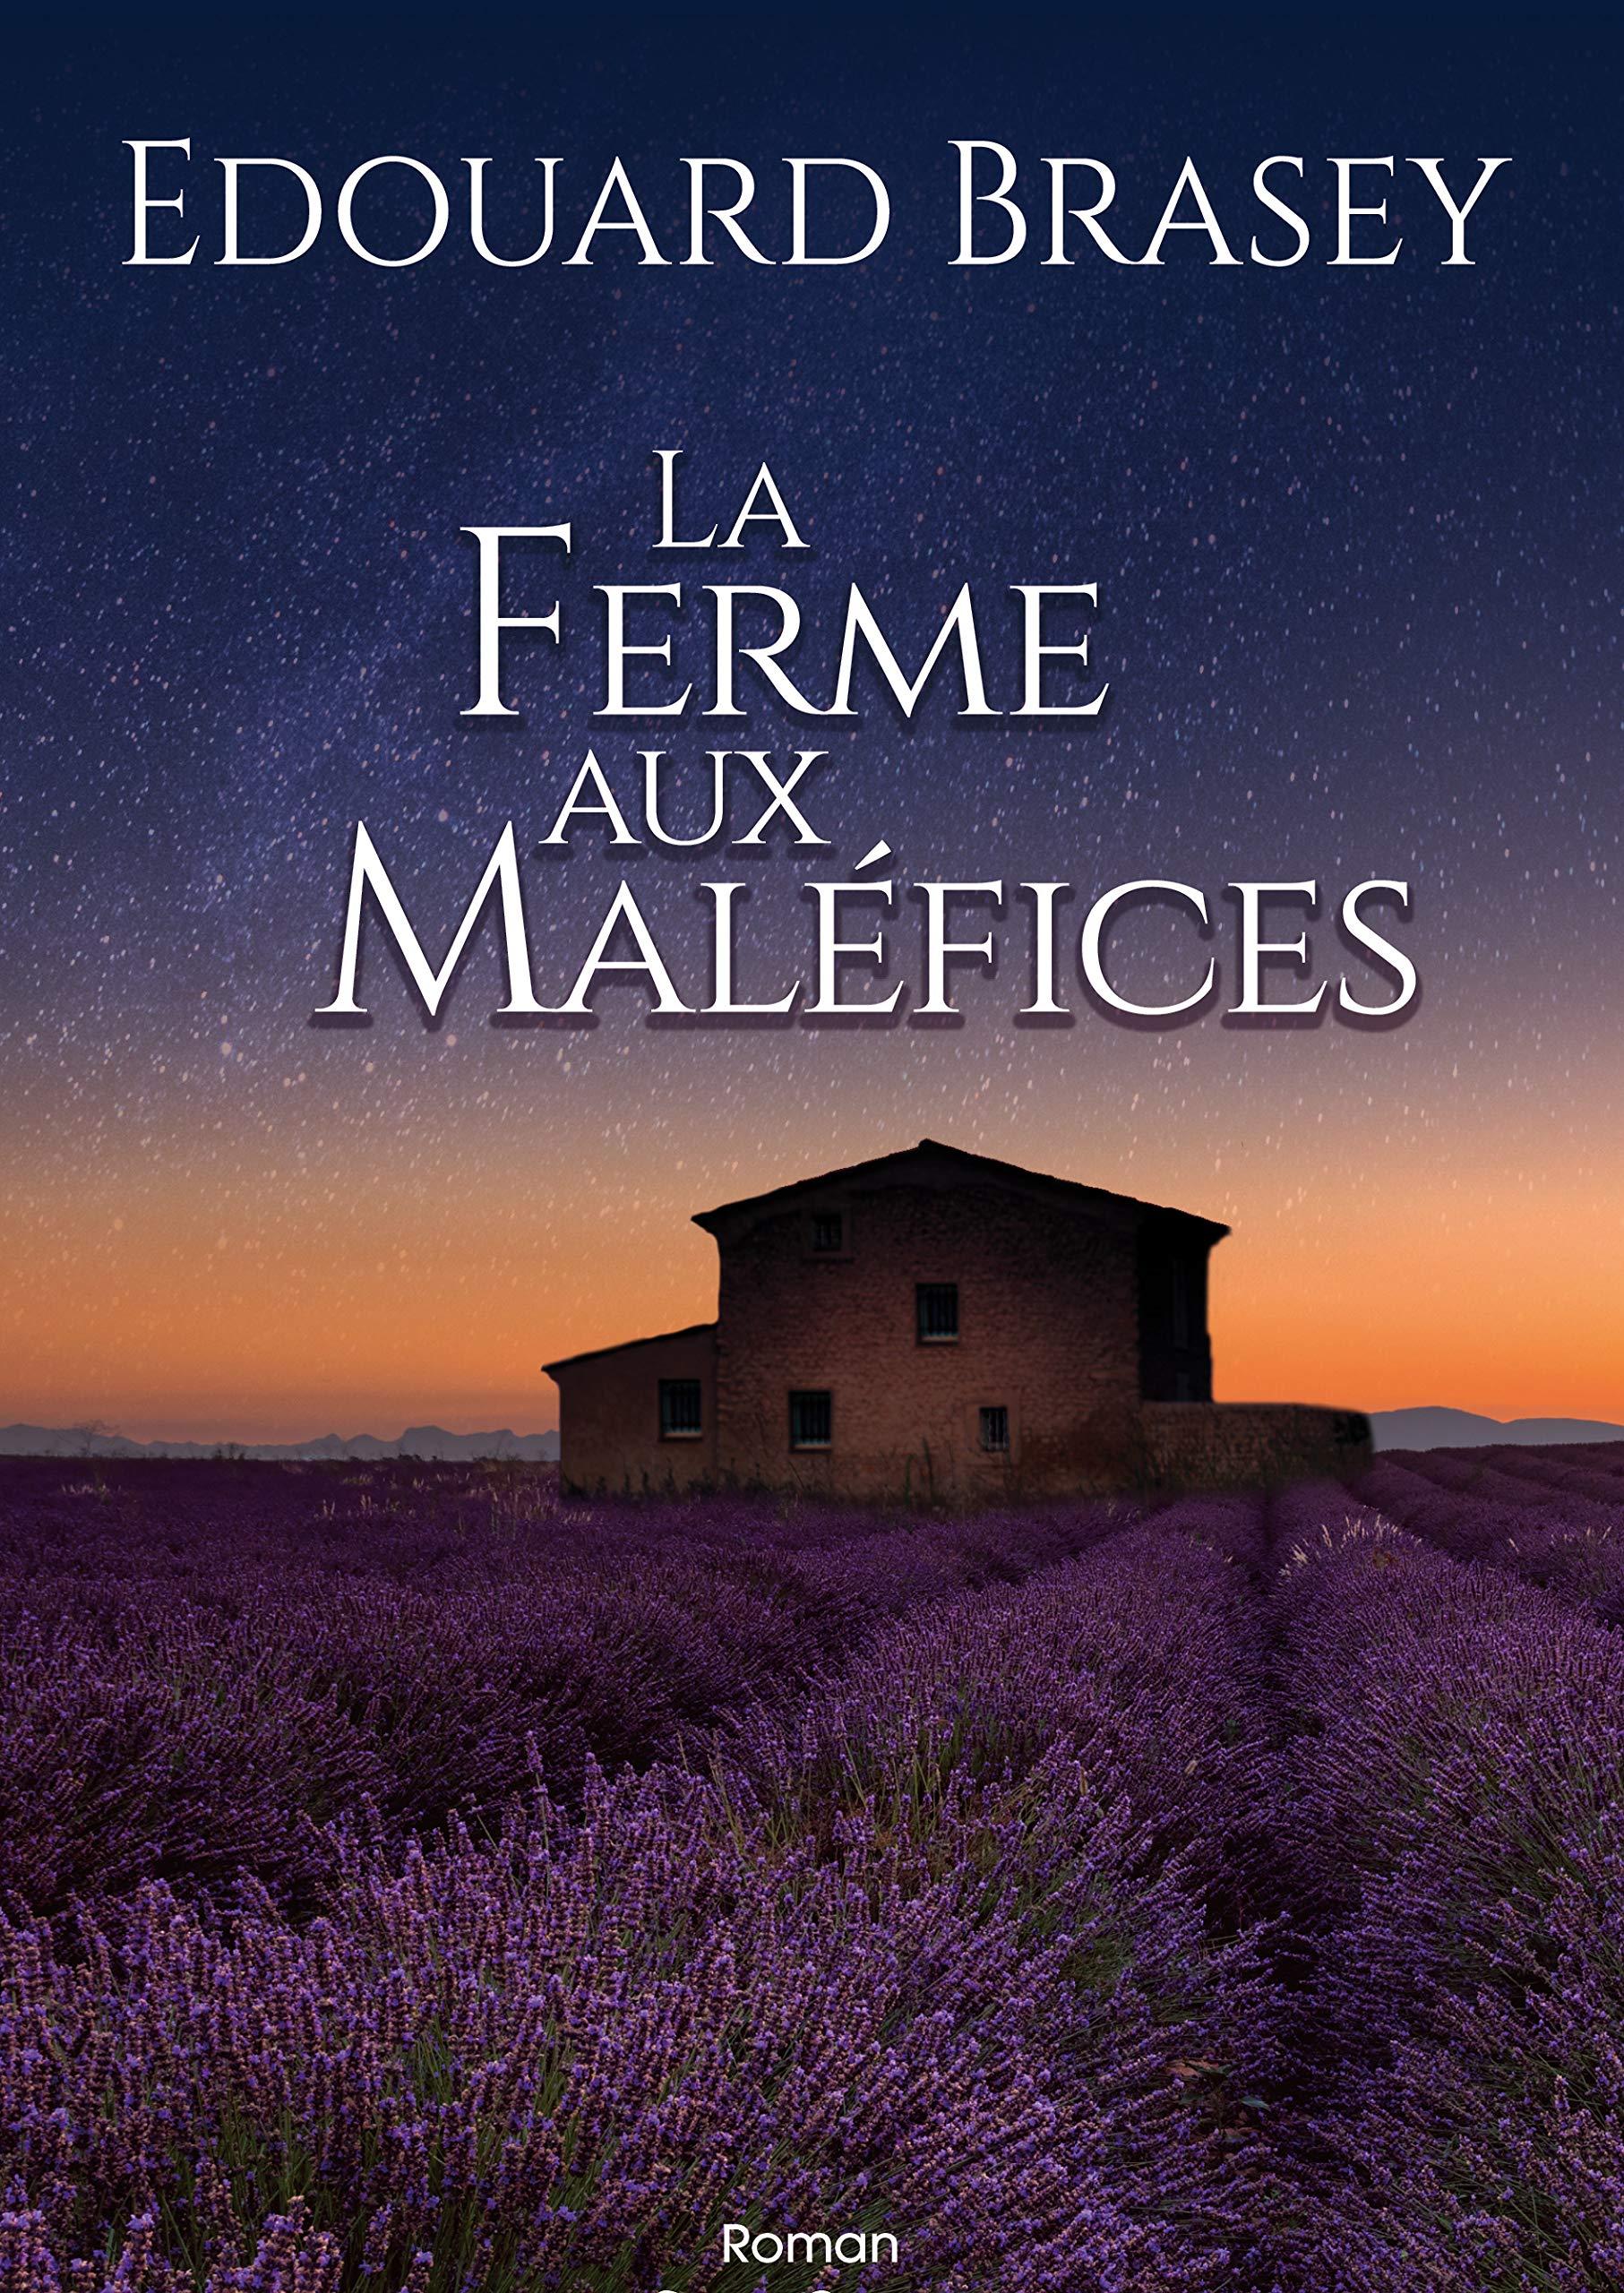 La Ferme aux maléfices:   roman por Edouard Brasey